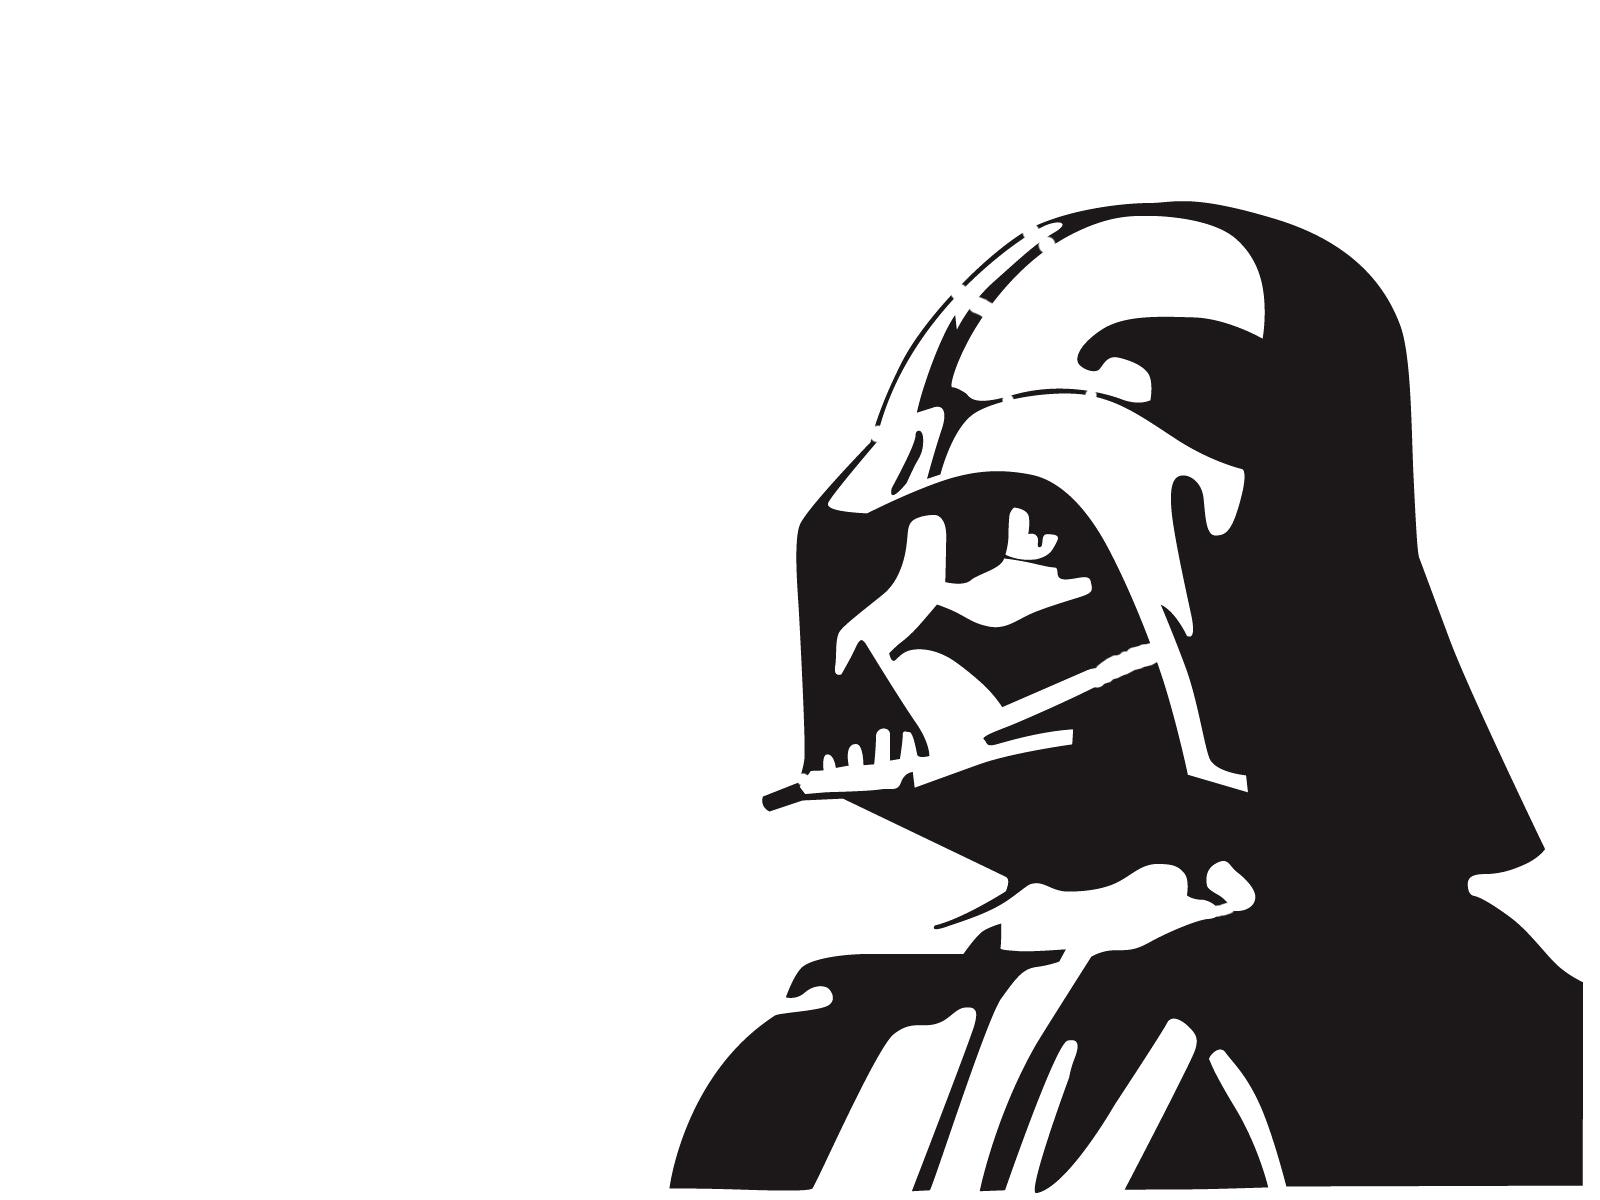 Darth Vader by ~GraffitiWatcher on deviantART.